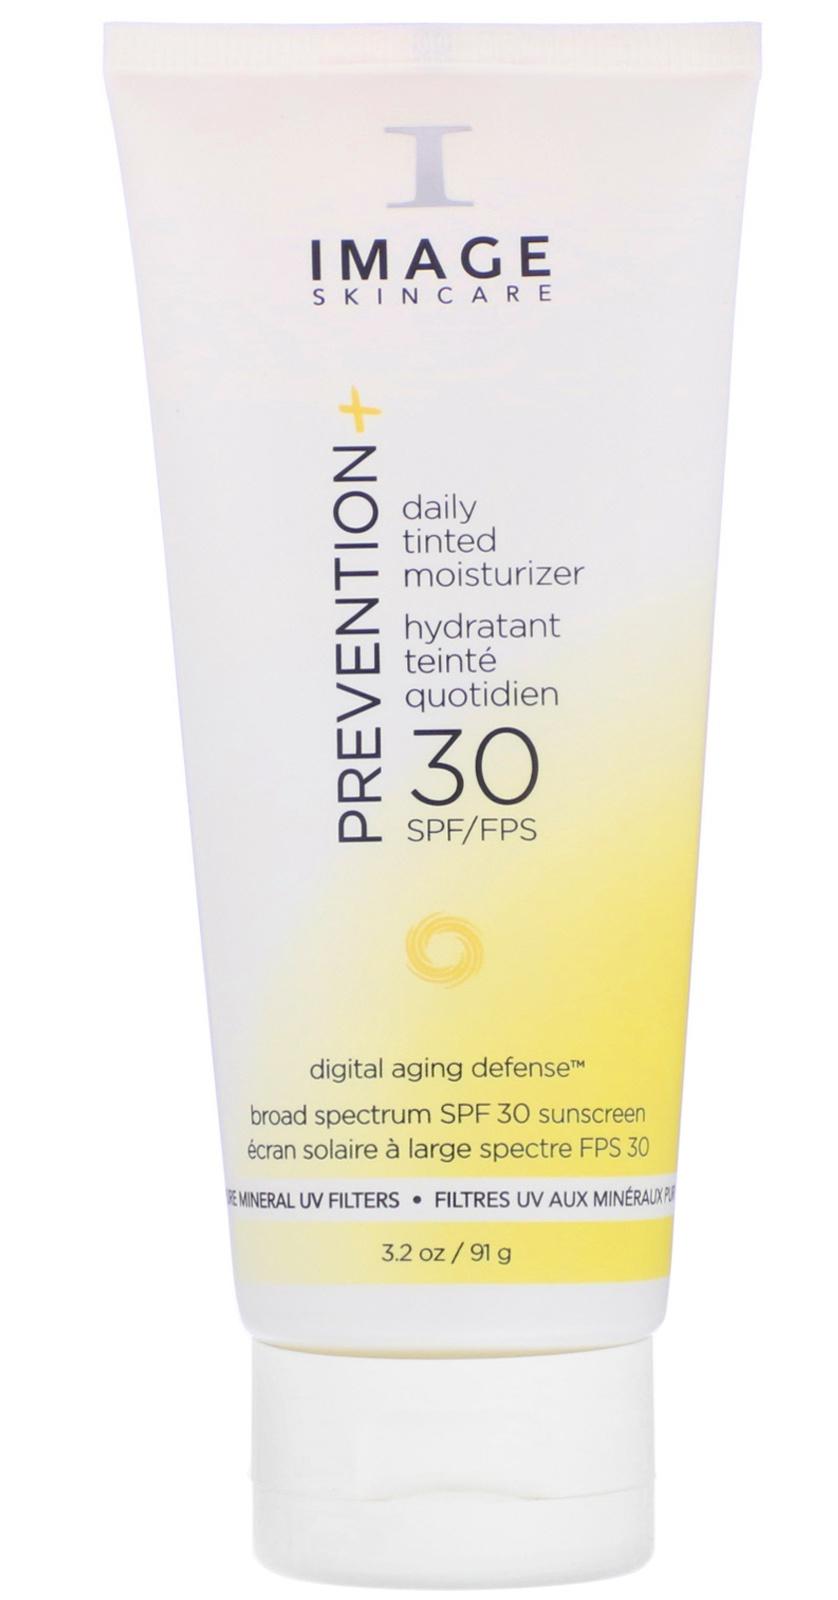 Image Skincare Daily Tinted Moisturizer Spf 30